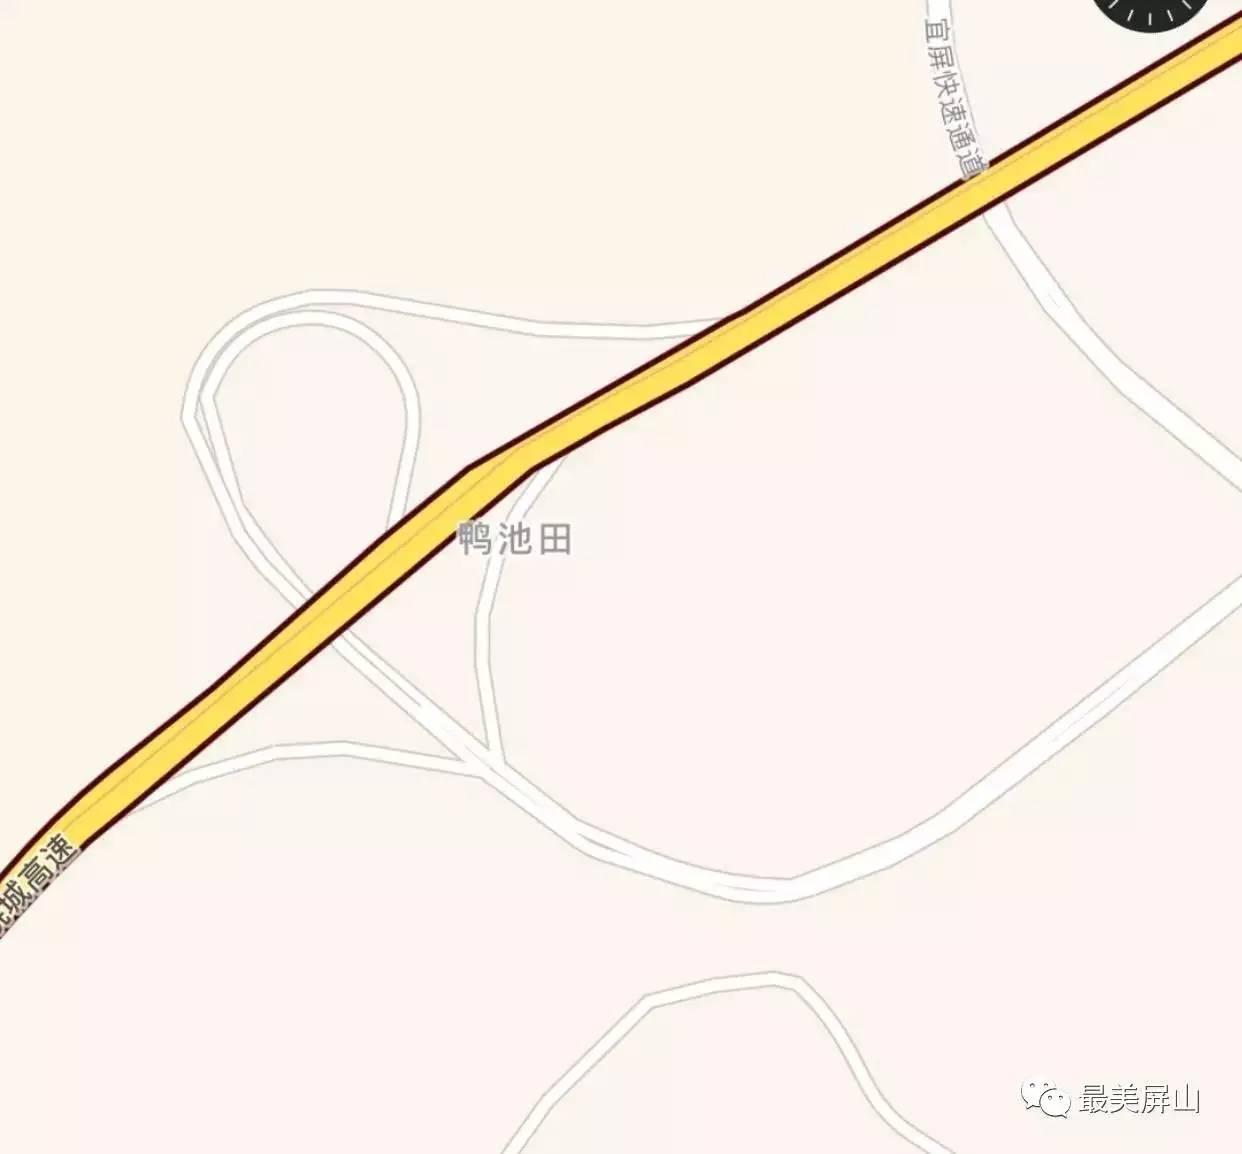 南段又称宜宾至彝良高速公路连接线,主要连接宜叙,宜昭,宜